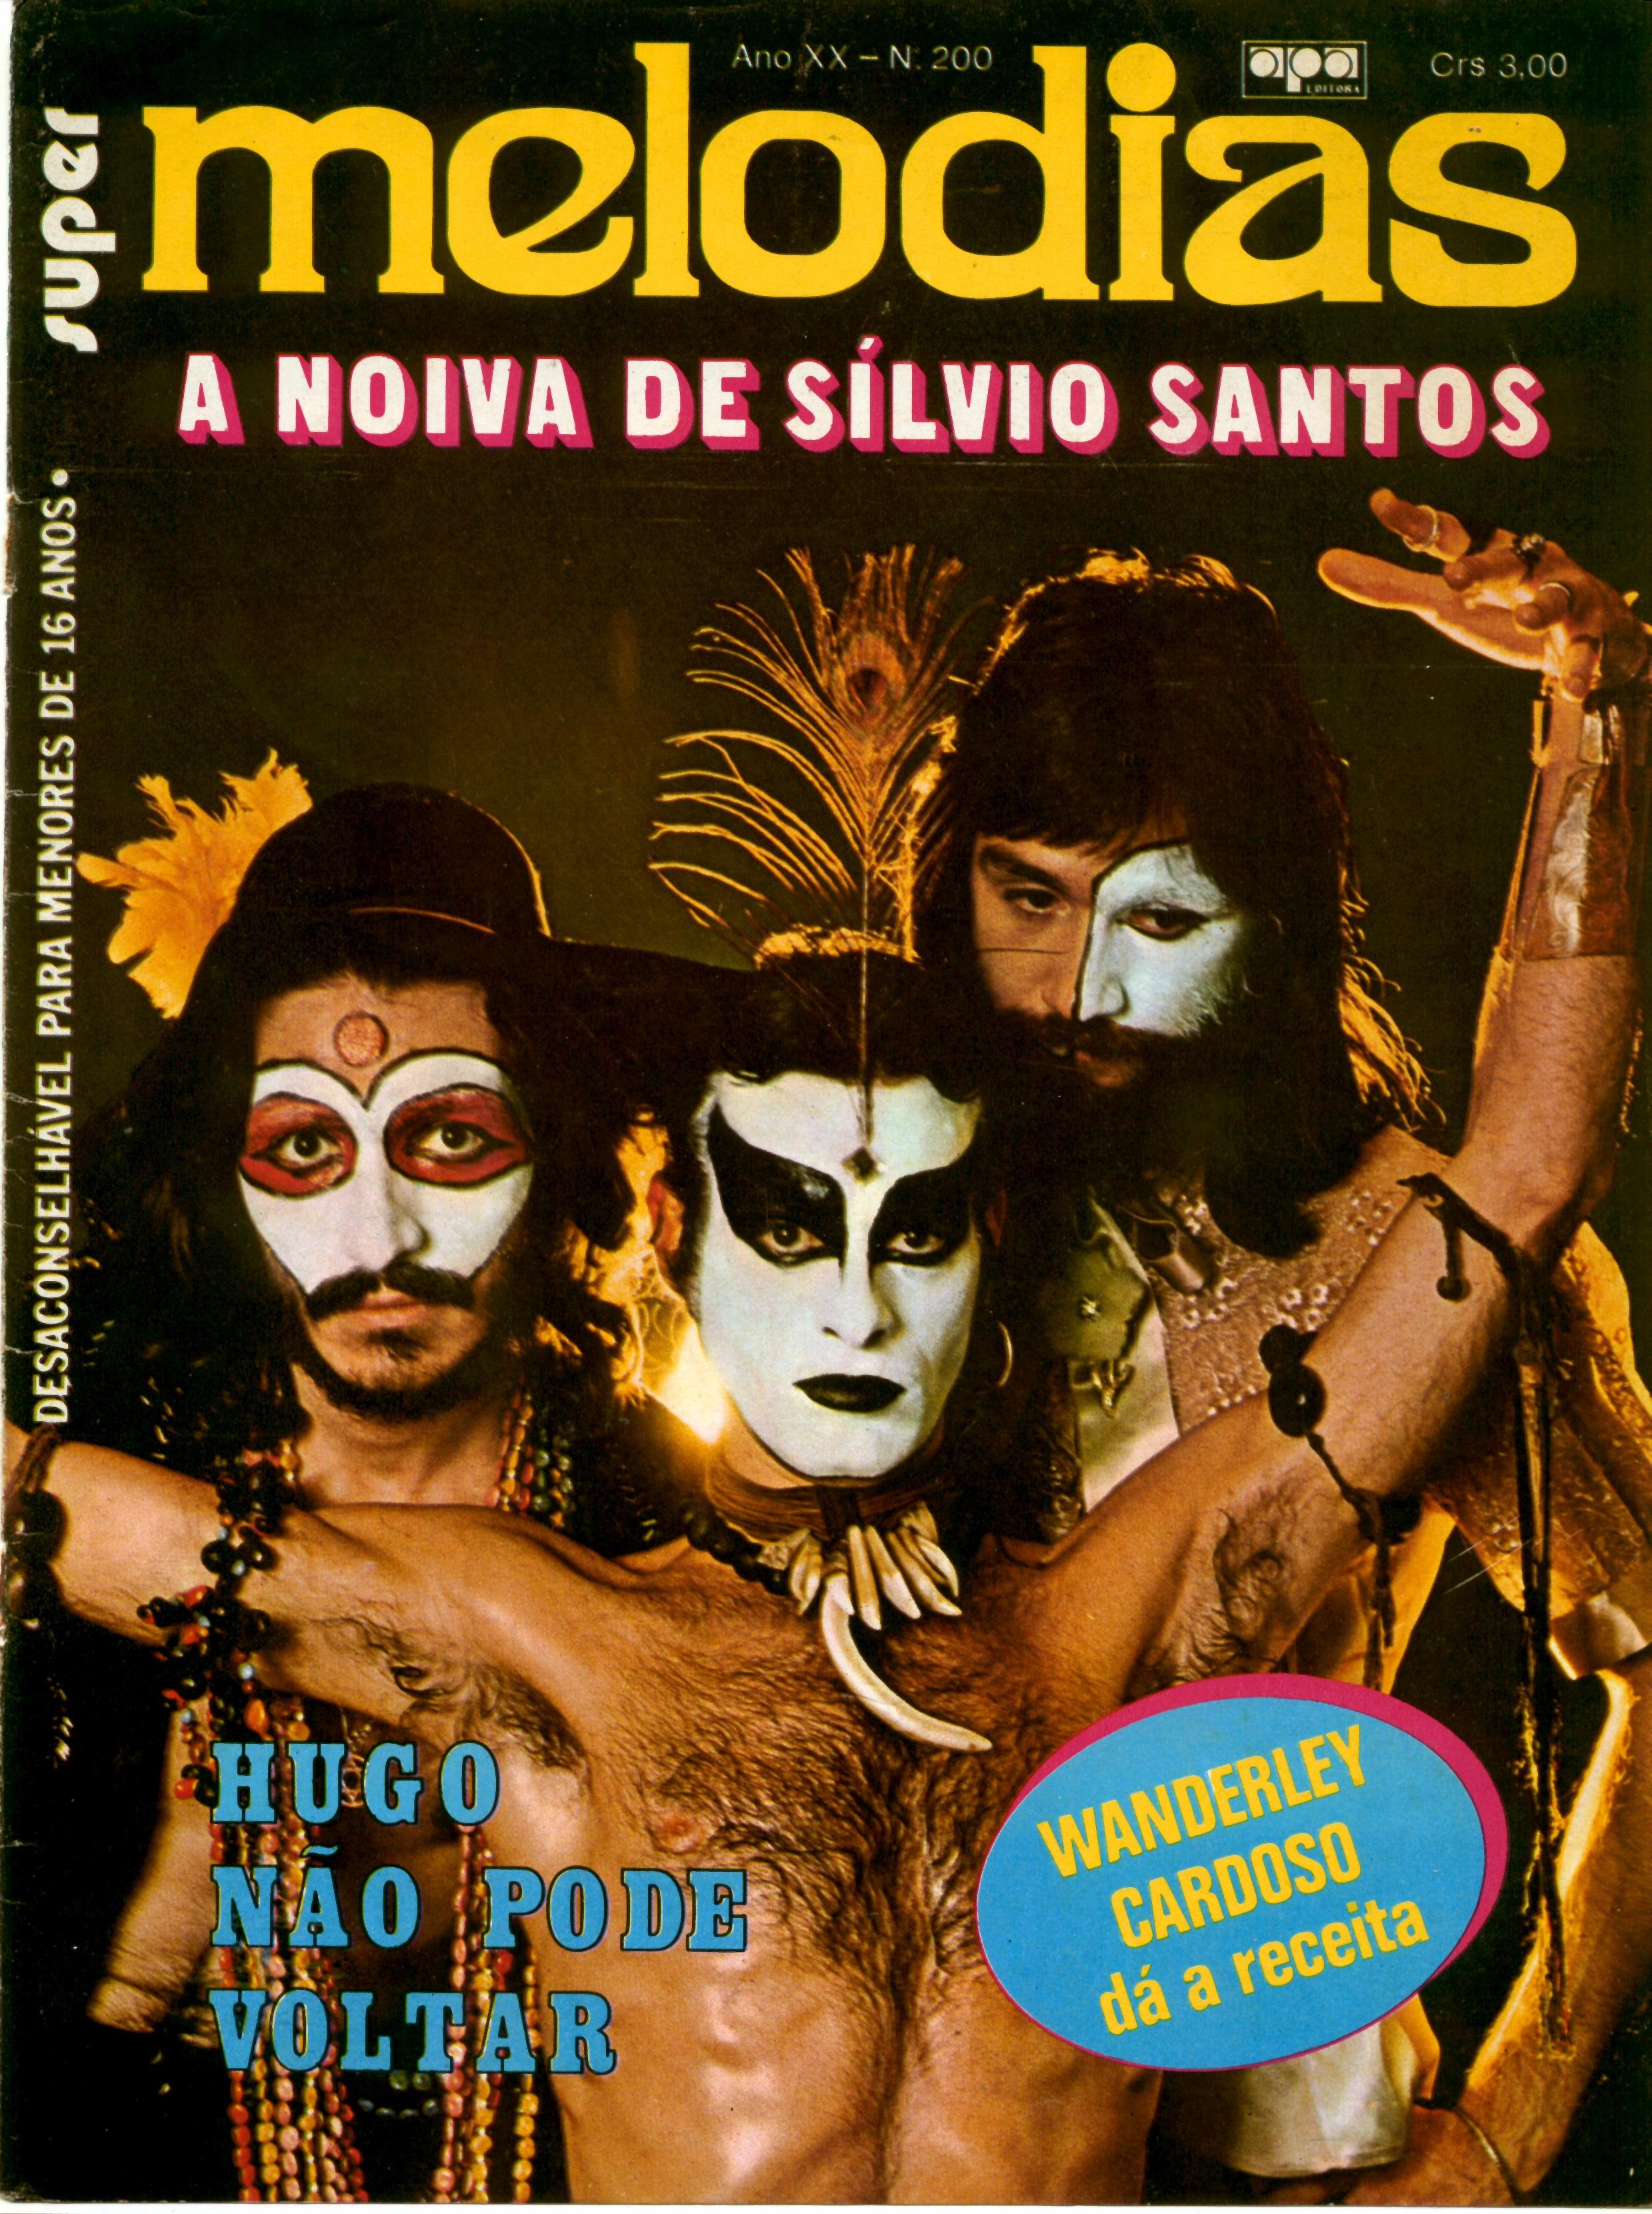 """Revista """"Super Melodias"""" com Secos & Molhados na capa"""